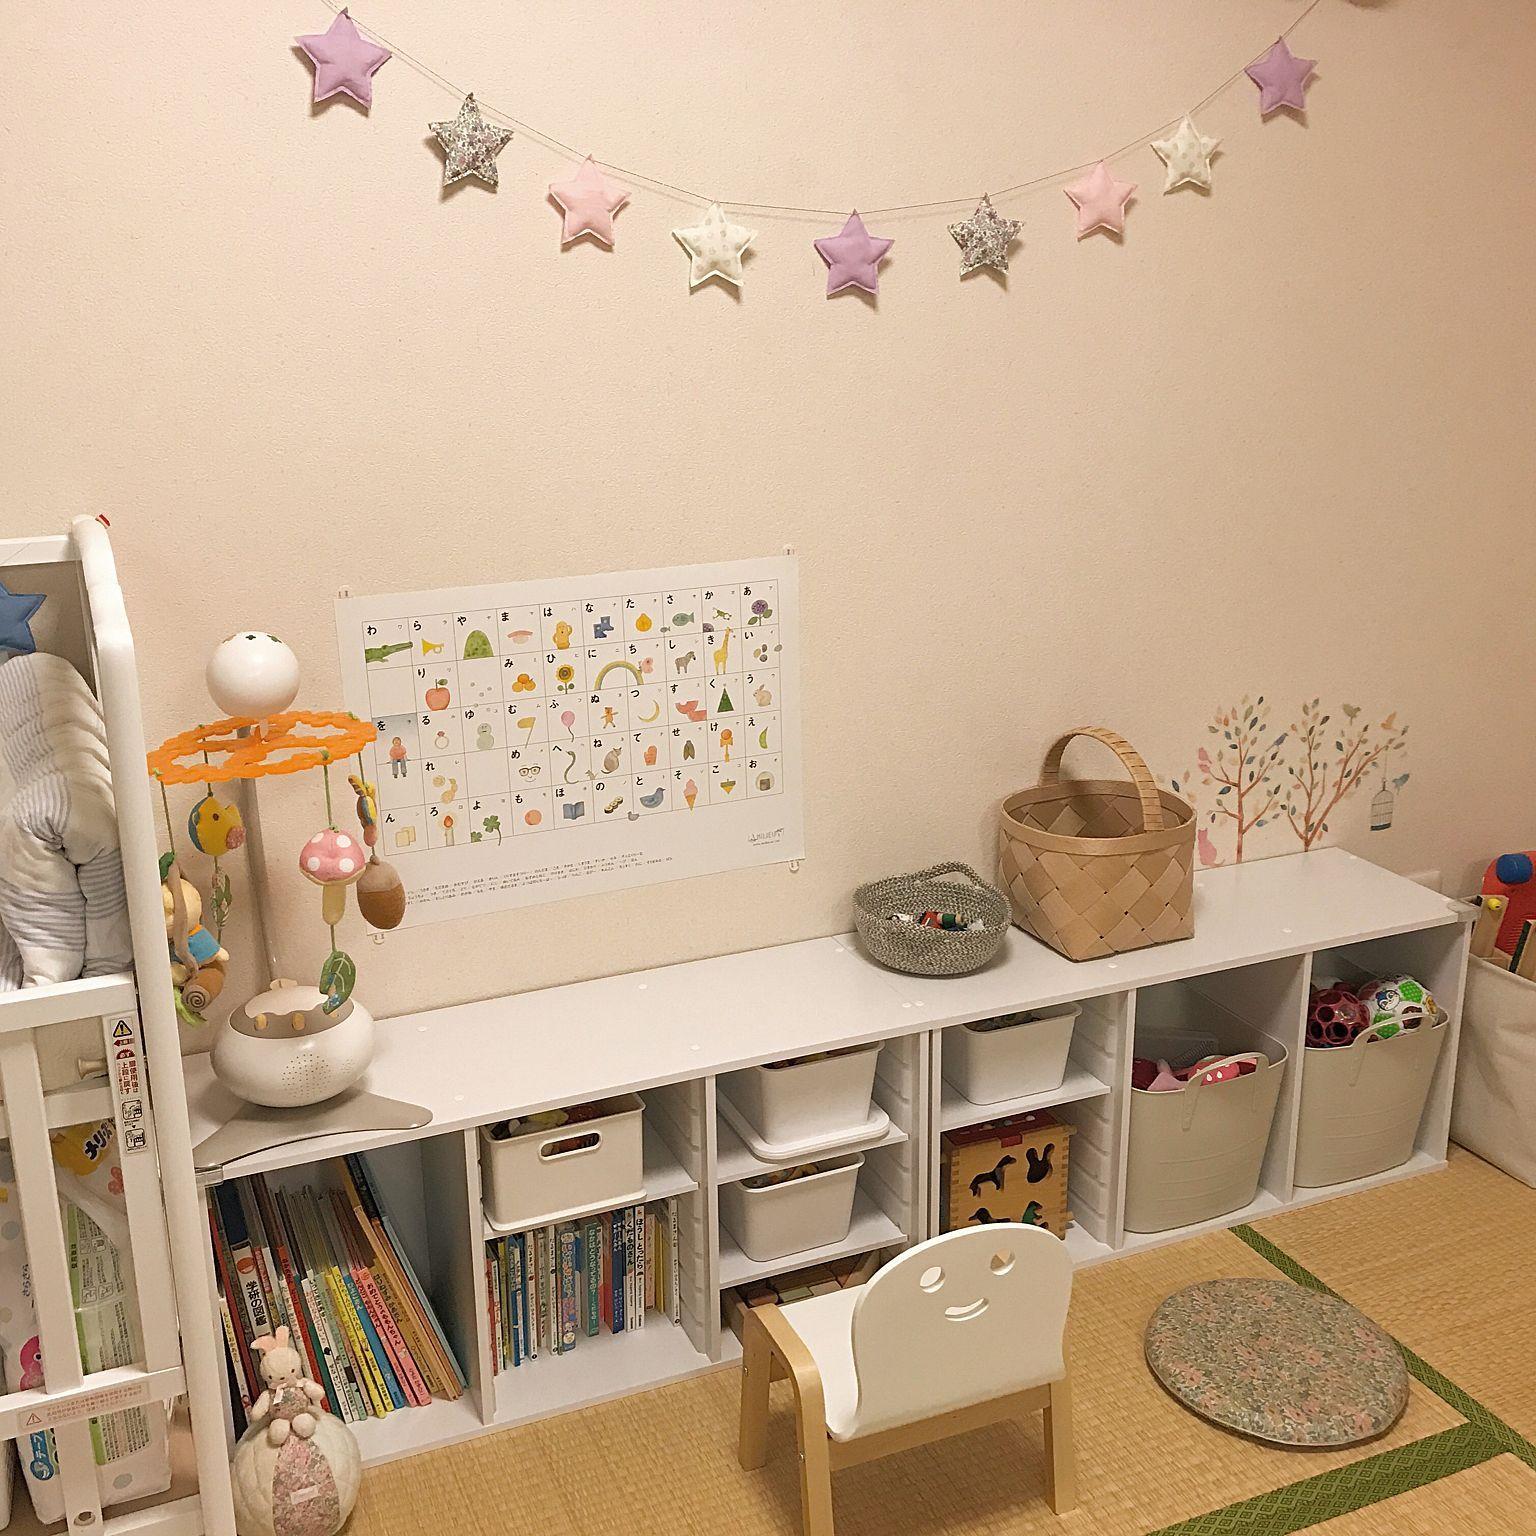 棚/おもちゃ収納/カラーボックス/子供部屋/スタックストーの ...